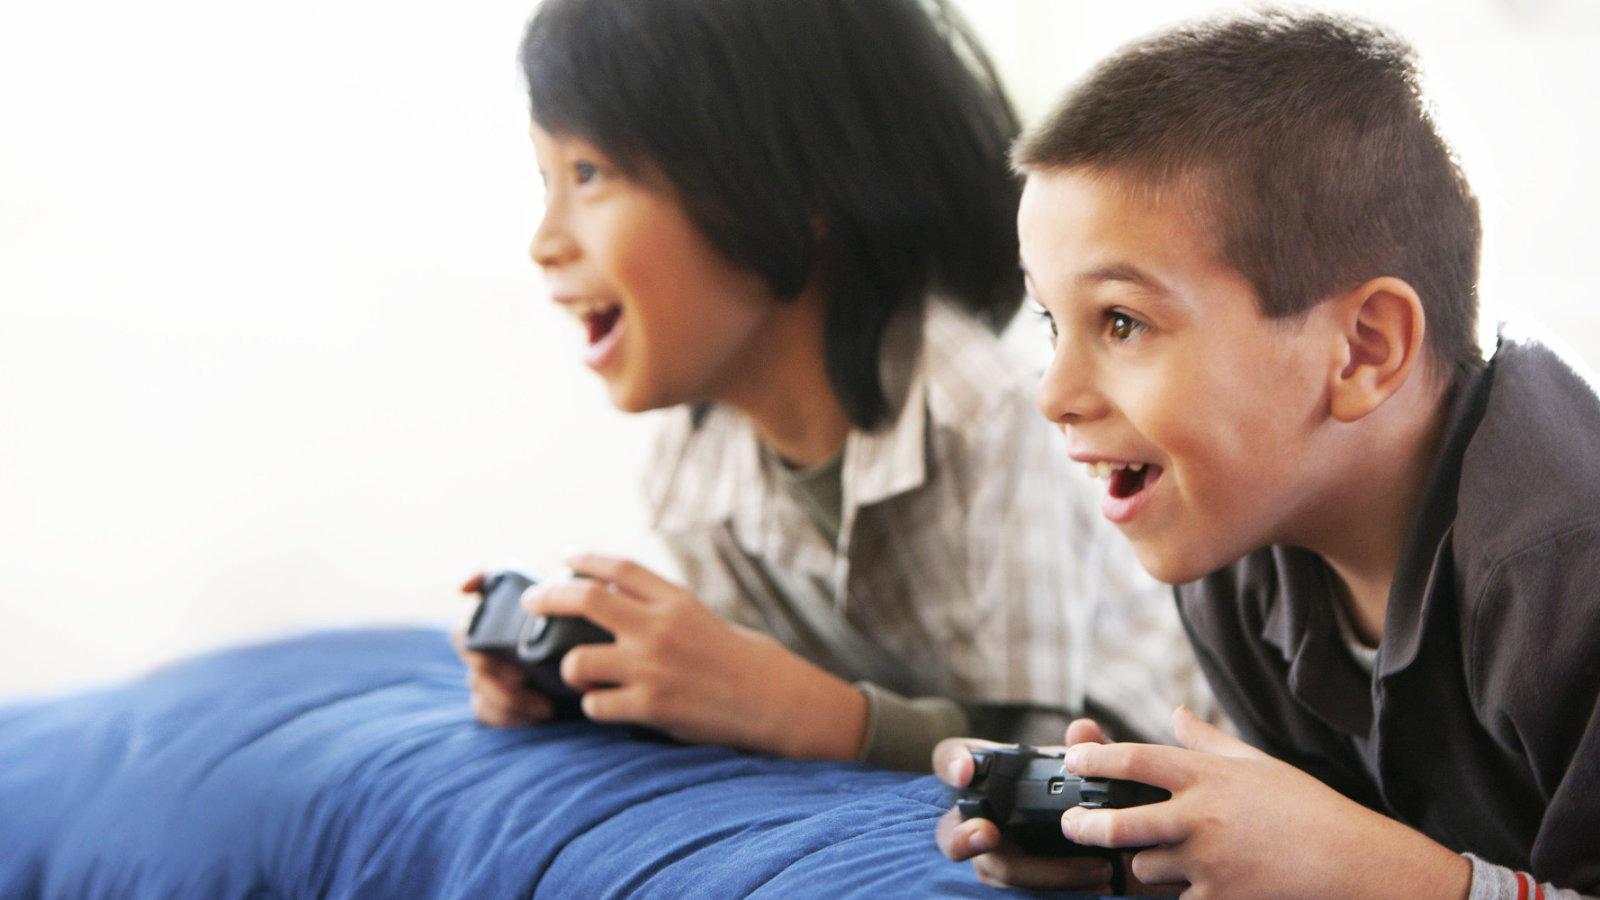 Comment Bien Choisir Un Jeu Vidéo ? 2Ème Partie : Pour Les destiné Jeux Pour Enfant De 7 Ans